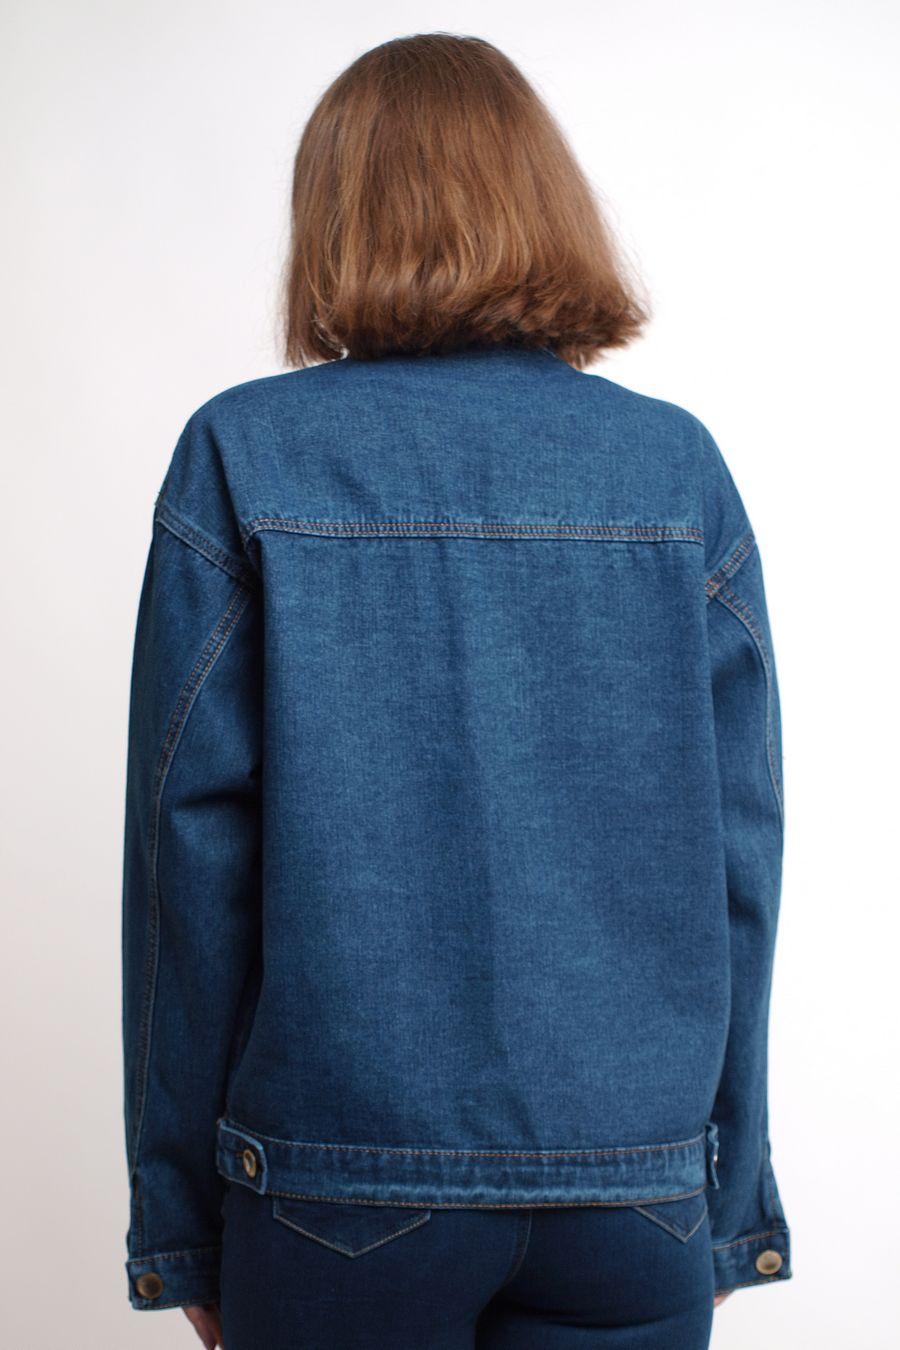 Пиджак женский (джинсовка) K.Y Jeans 292 - фото 6